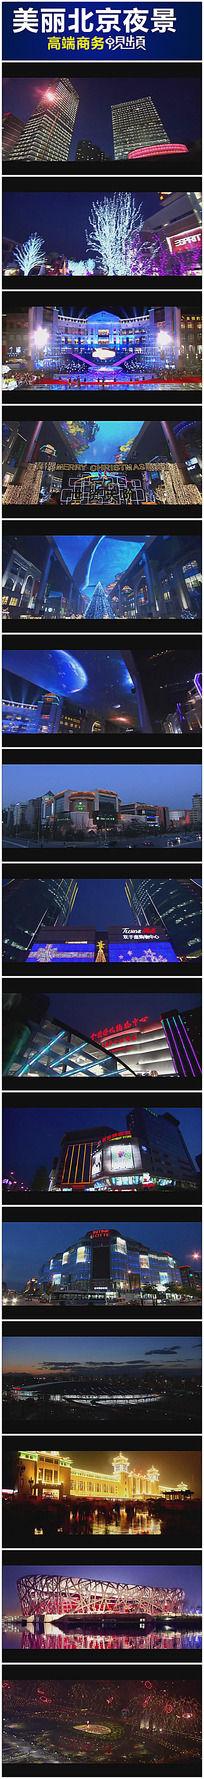 美丽的北京夜景城市景观视频